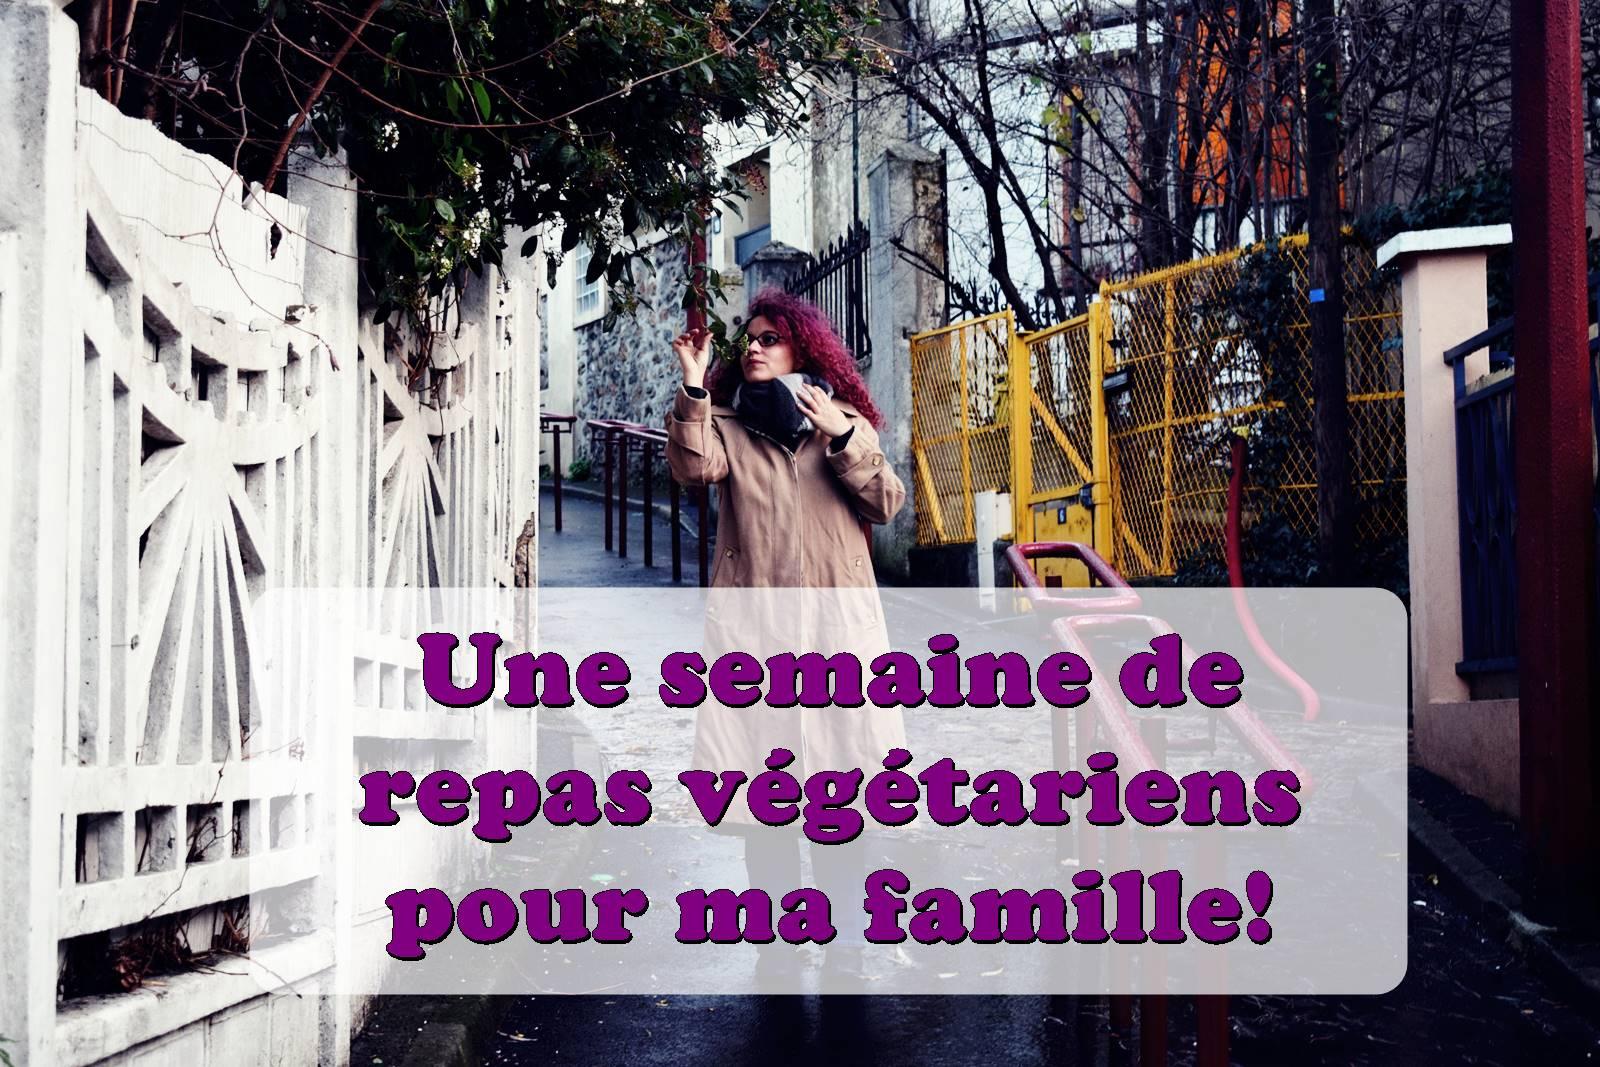 Une semaine de repas vegetariens pour ma famille